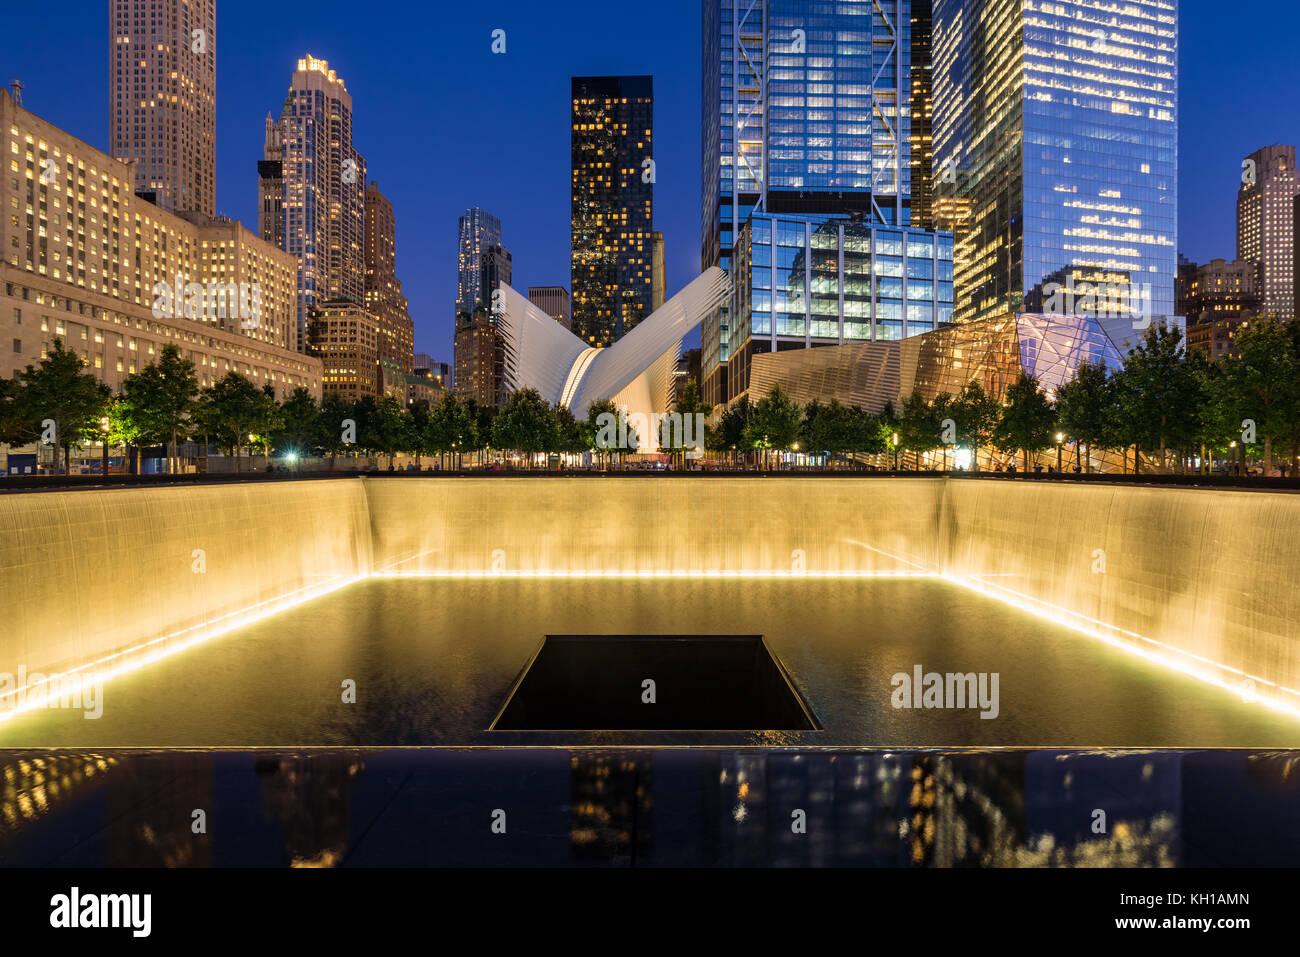 World Trade Center Memorial Stock Photos World Trade Center Memorial Stock Images Alamy